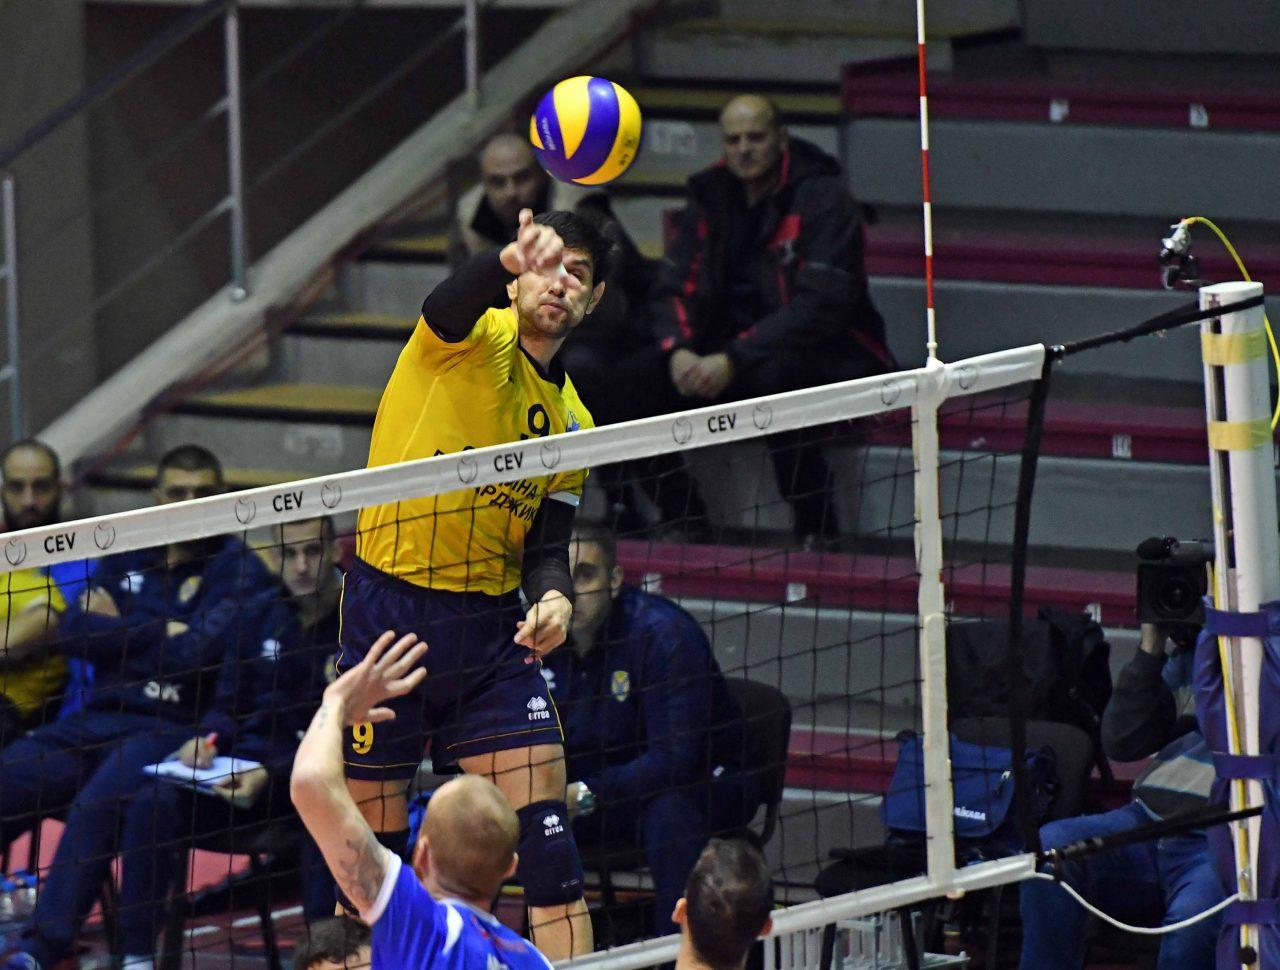 -Хебър-волейбол-мъже-15-1280x970.jpg